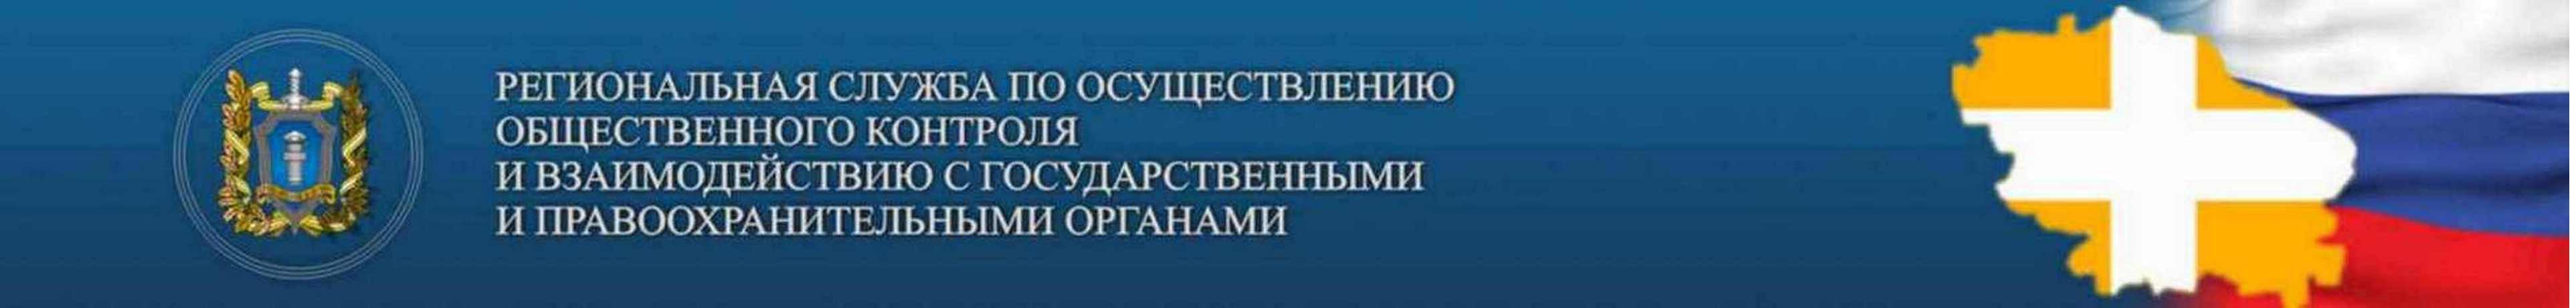 СРОО РСООК и ВГПО